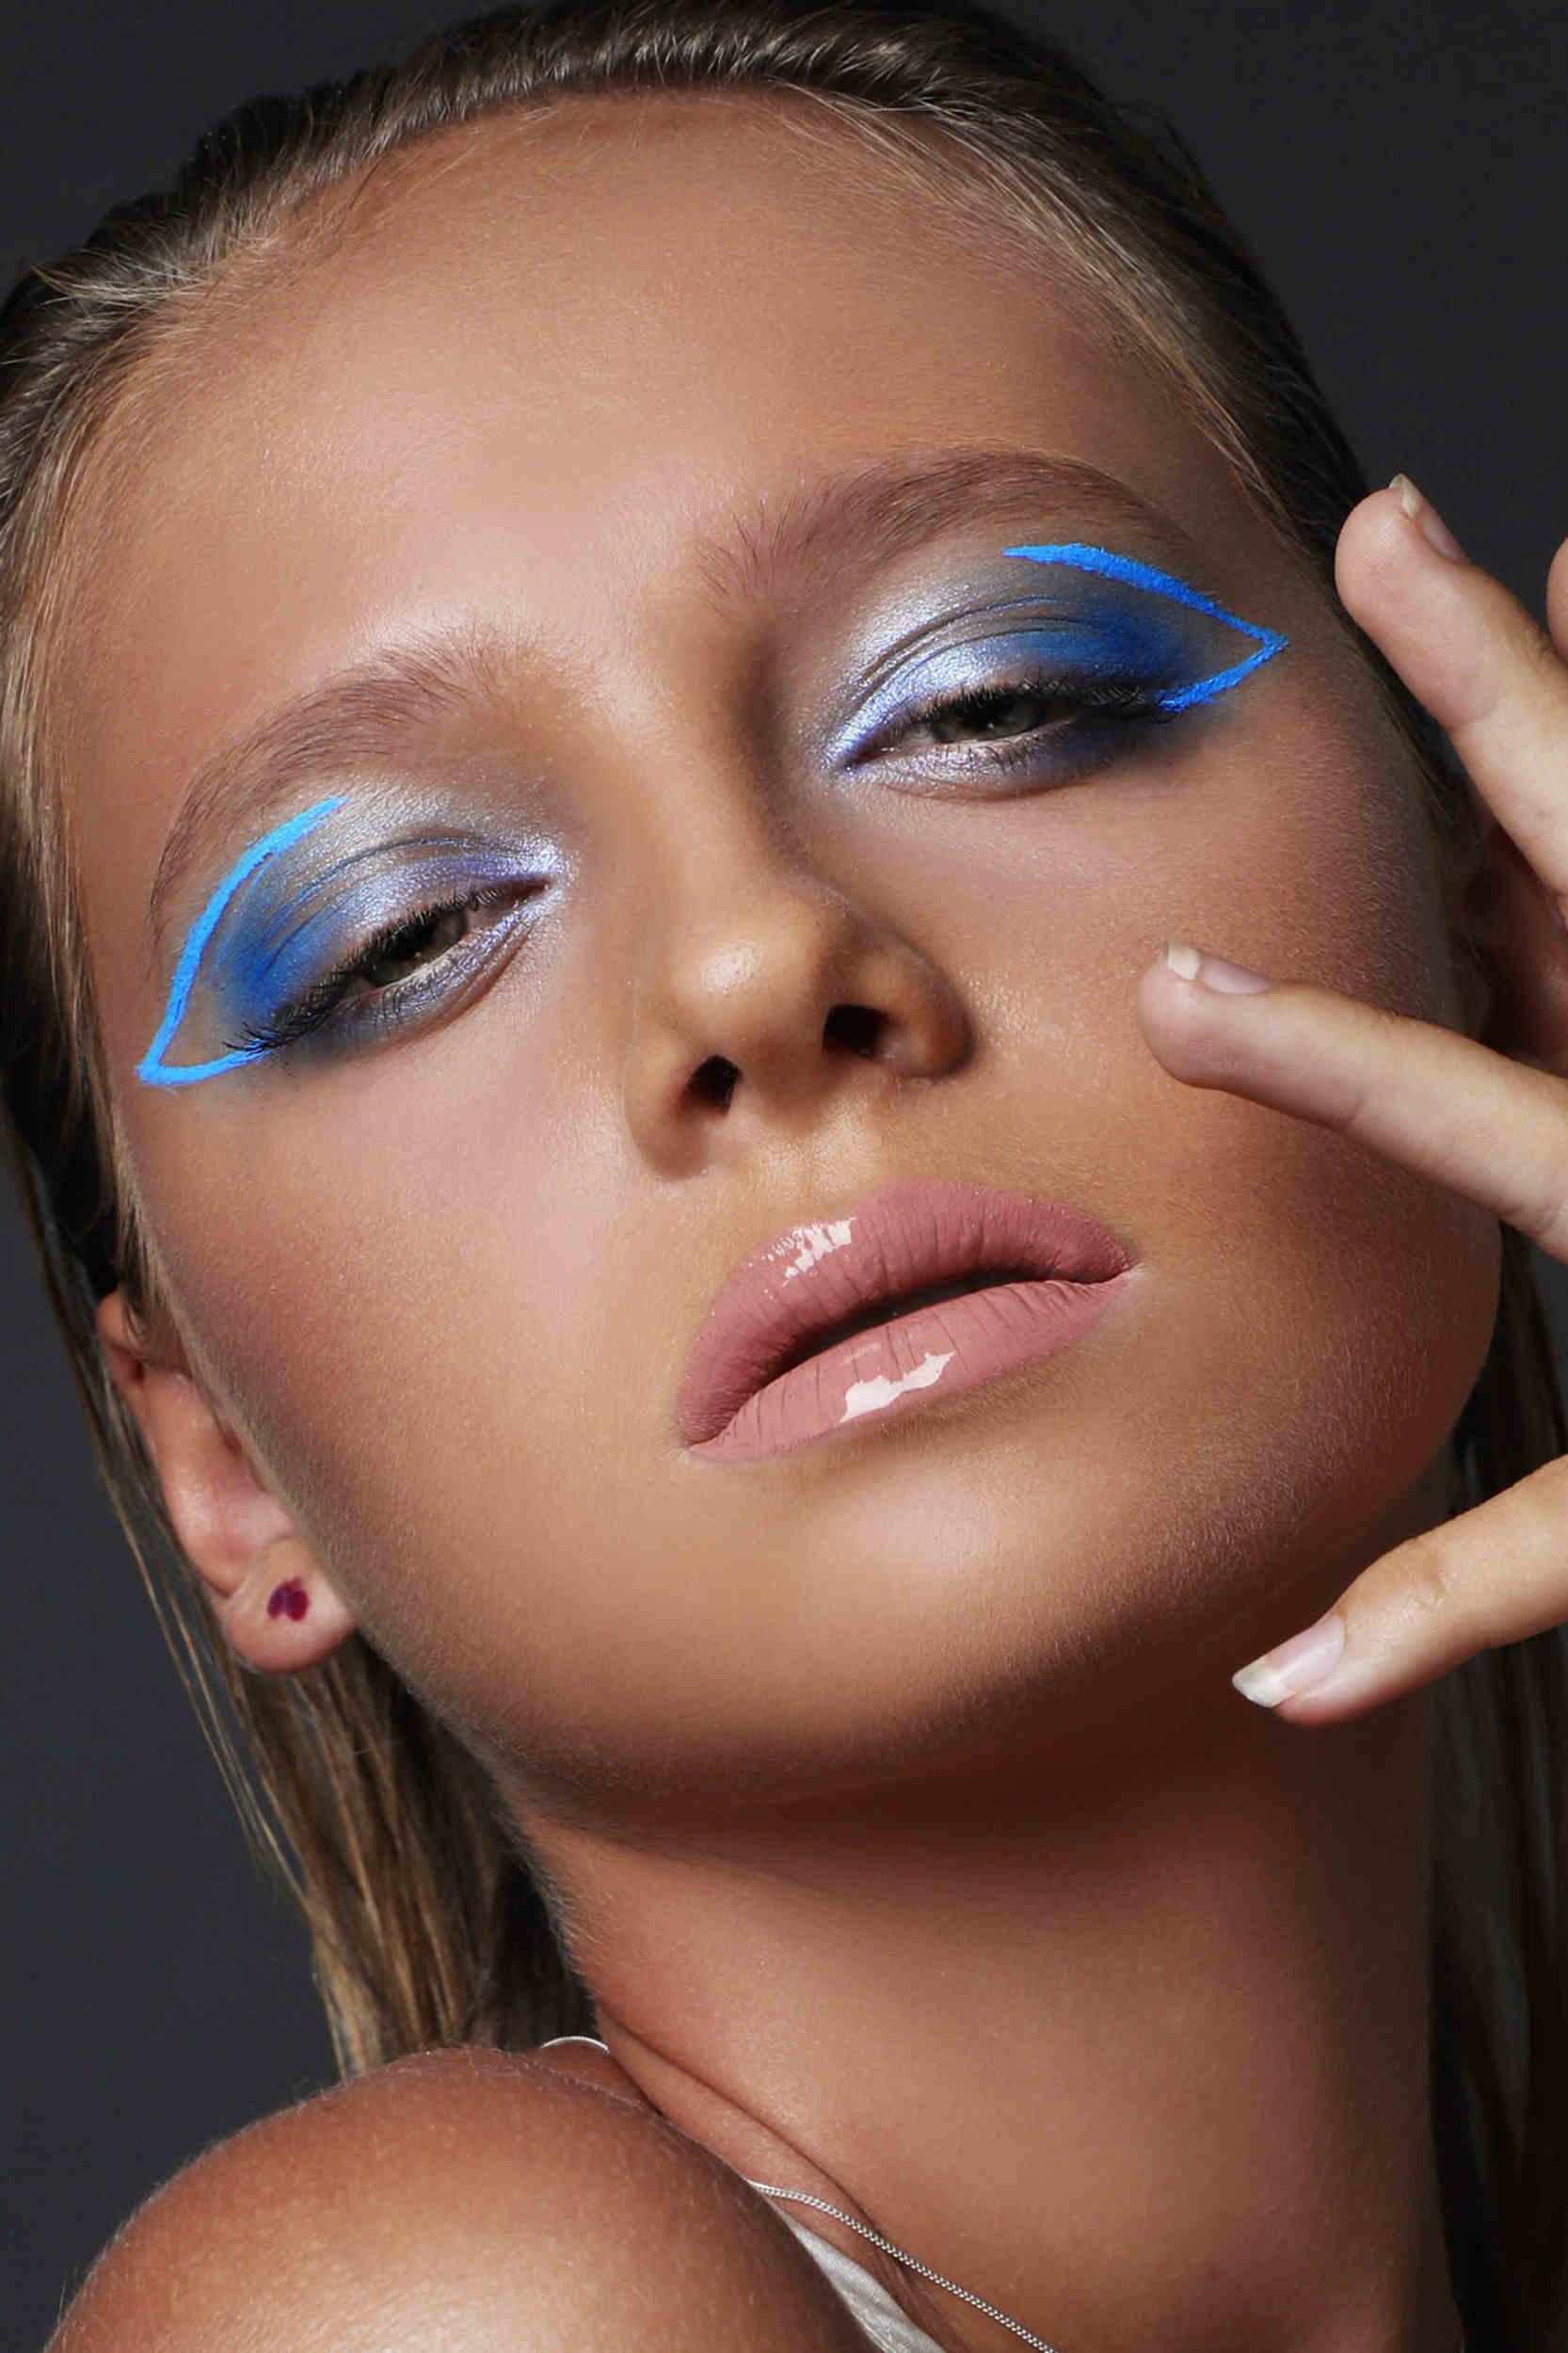 makeup-shots00004v